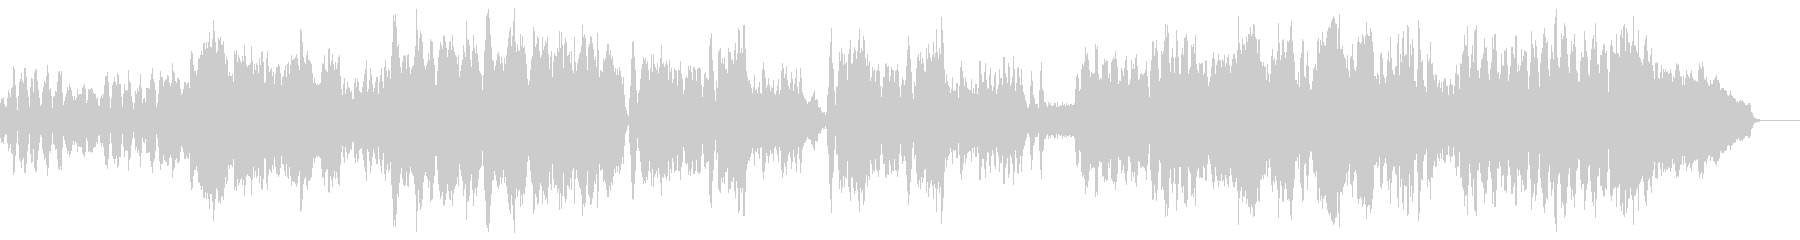 チャイコフスキー四季 11月 トロイカの未再生の波形